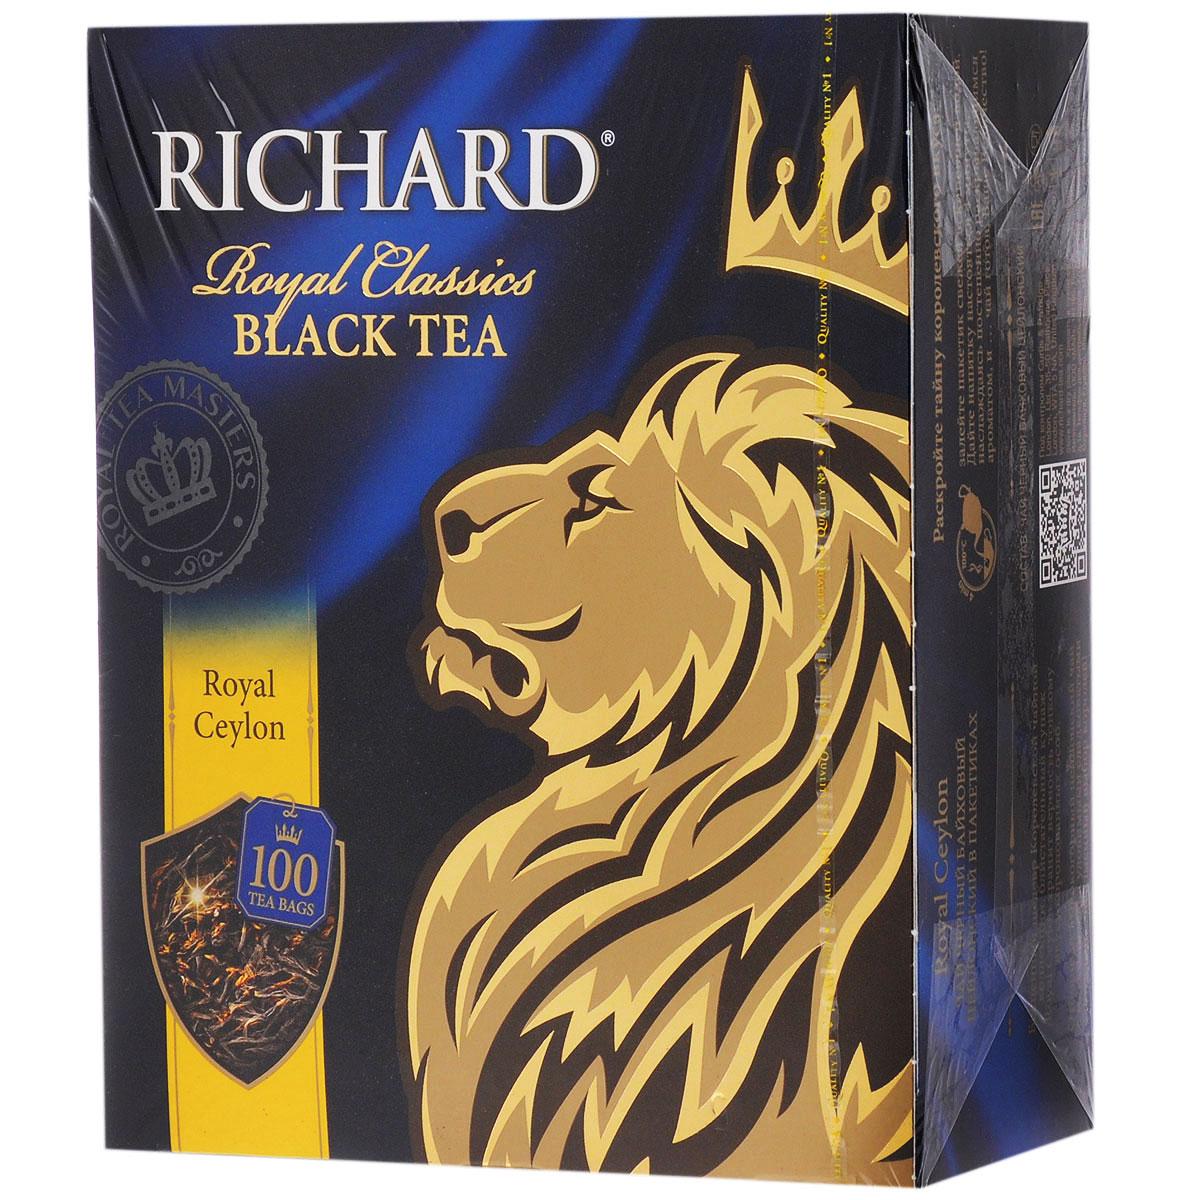 Richard Royal Ceylon черный чай в пакетиках, 100 шт610601Richard Royal Ceylon - черный цейлонский чай в пакетиках, который подарит вам классический вкус и аромат каждое утро.